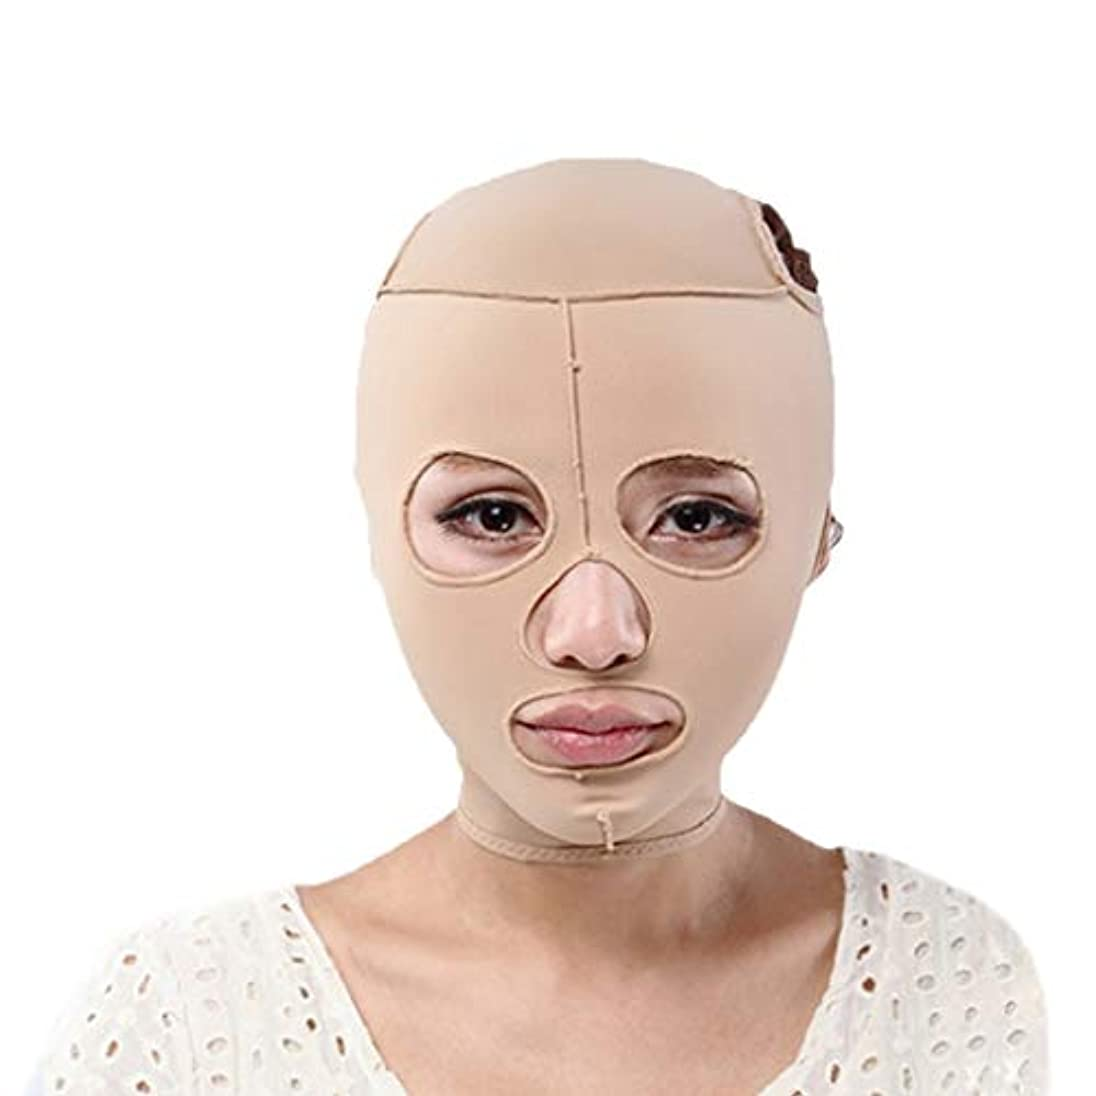 受け入れた草腐食するXHLMRMJ あごのストラップ、顔の減量のしわ防止マスク、快適な通気性マスクを備えたオールインクルーシブの顔、薄いフェイスマスクのリフティング包帯引き締め (Size : S)